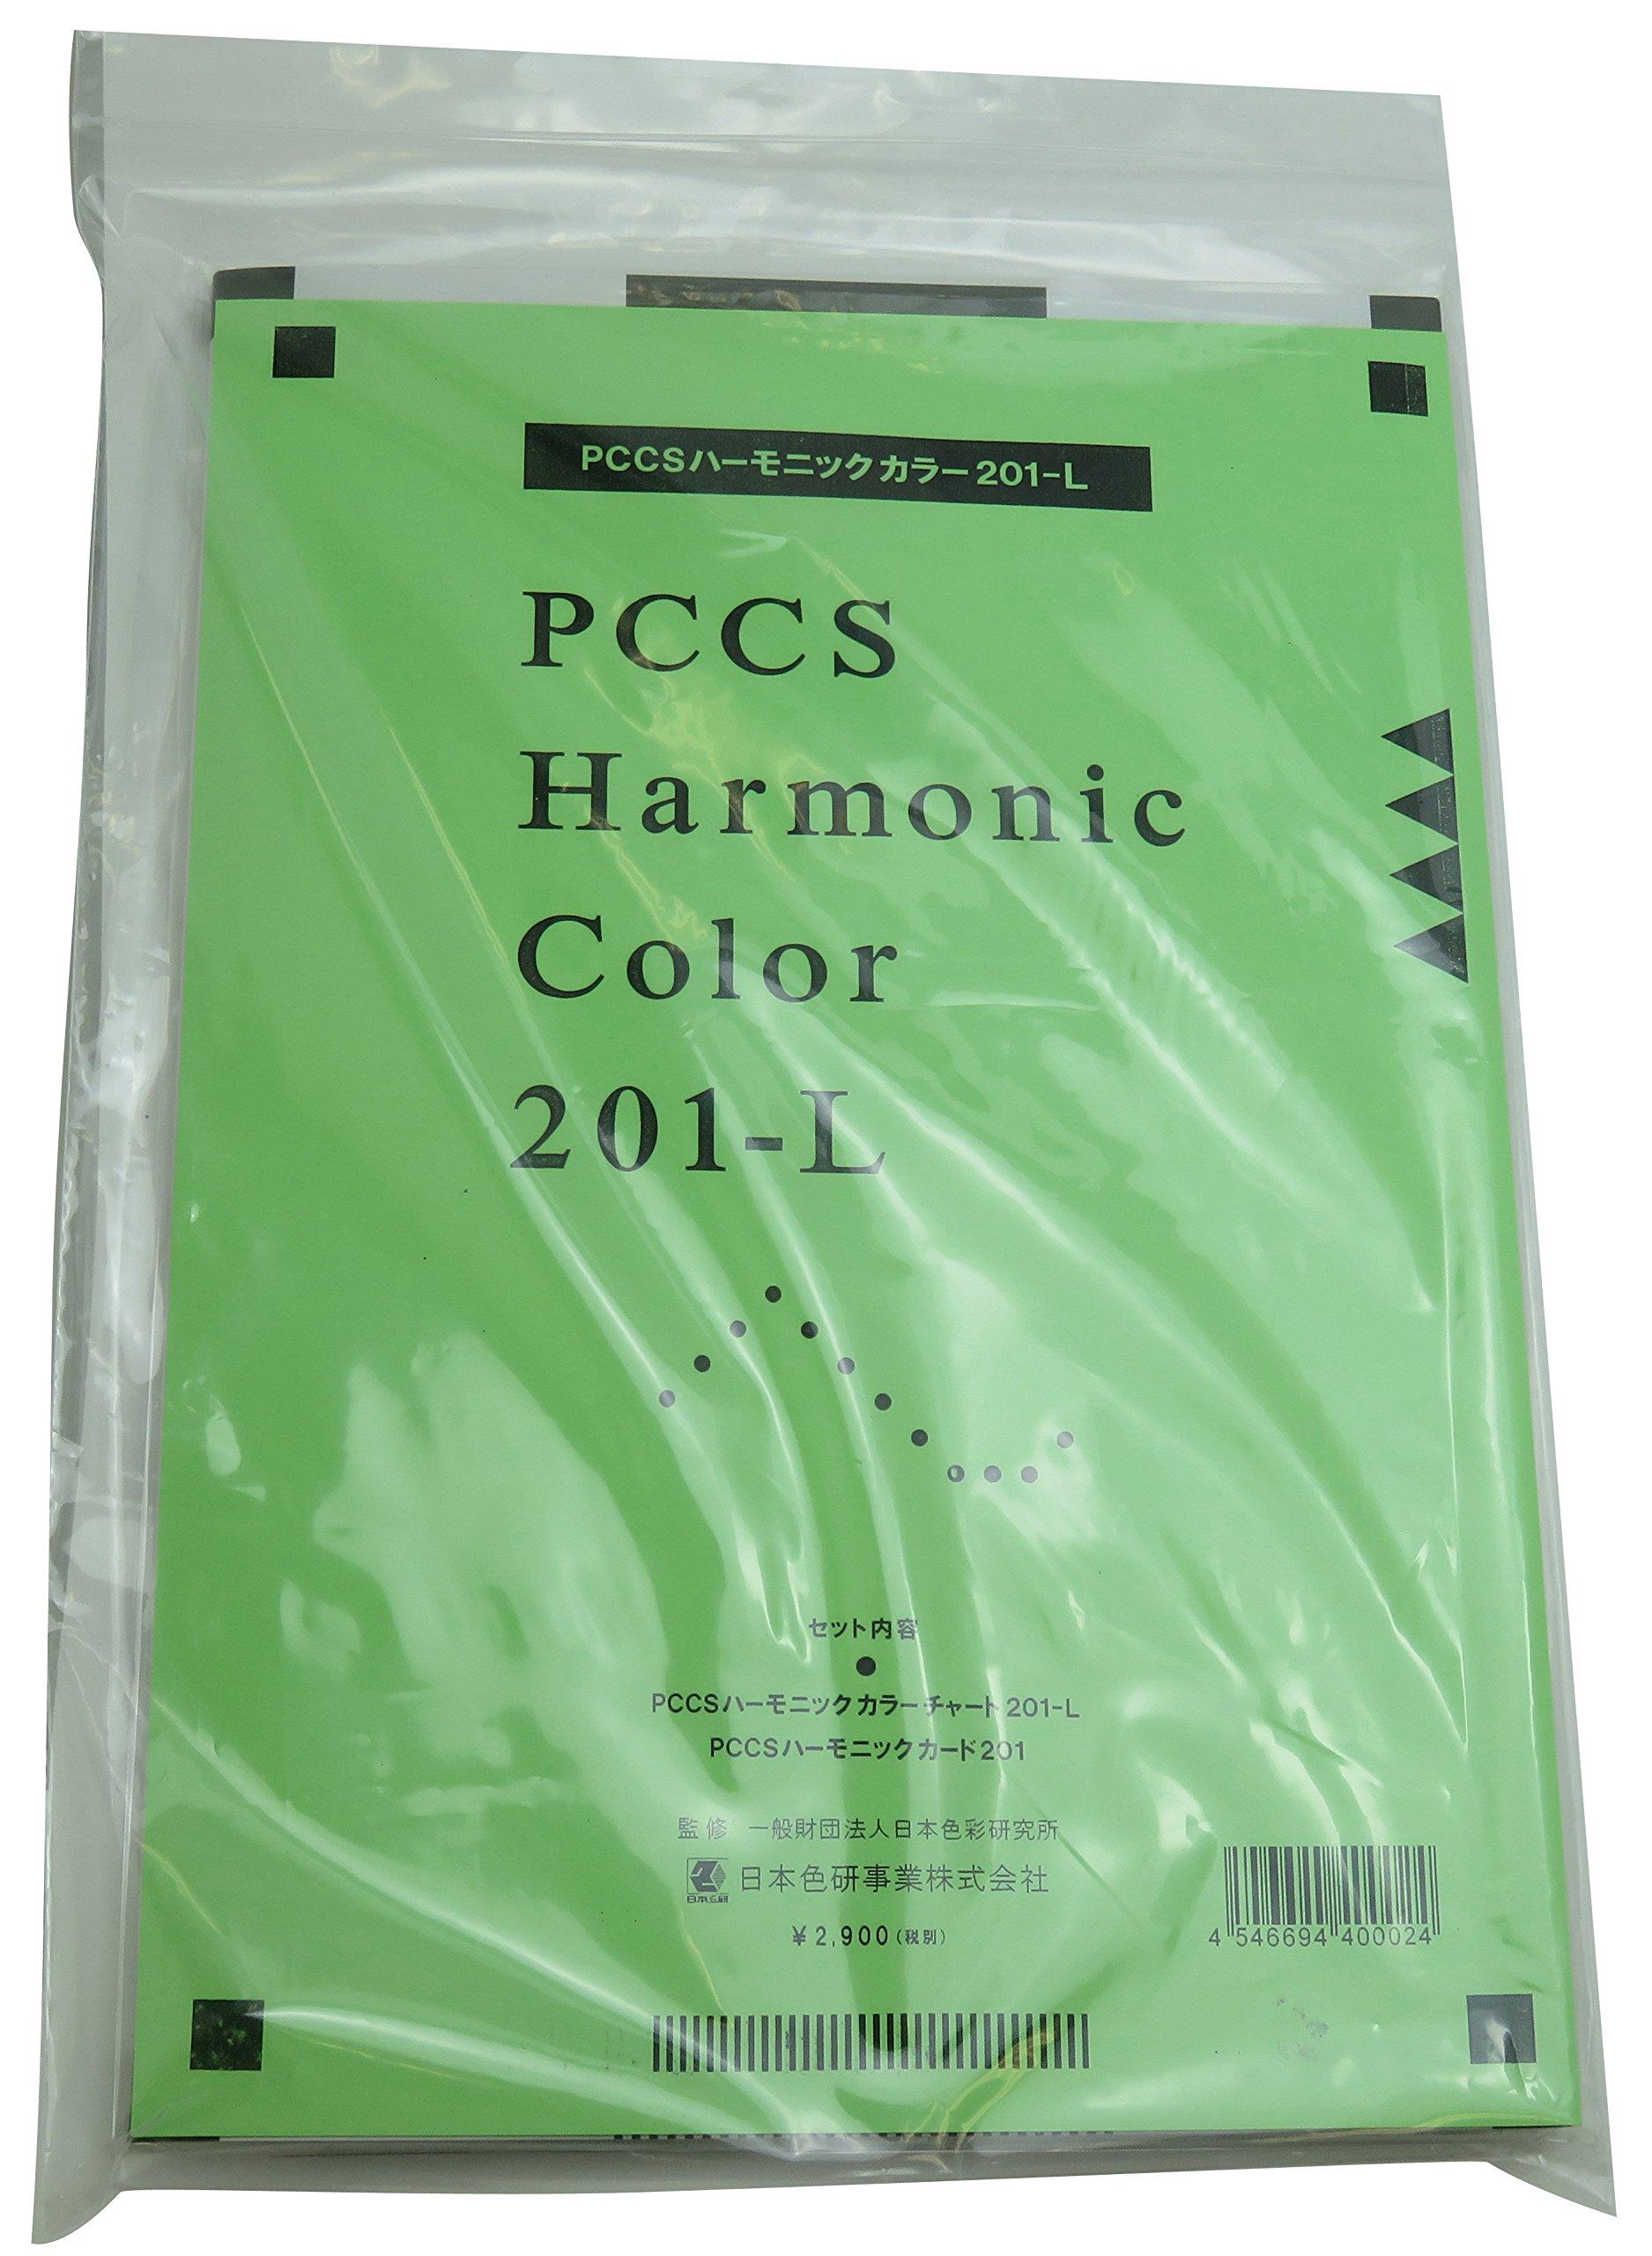 Japan Iroken PCCS harmonic color 201-L